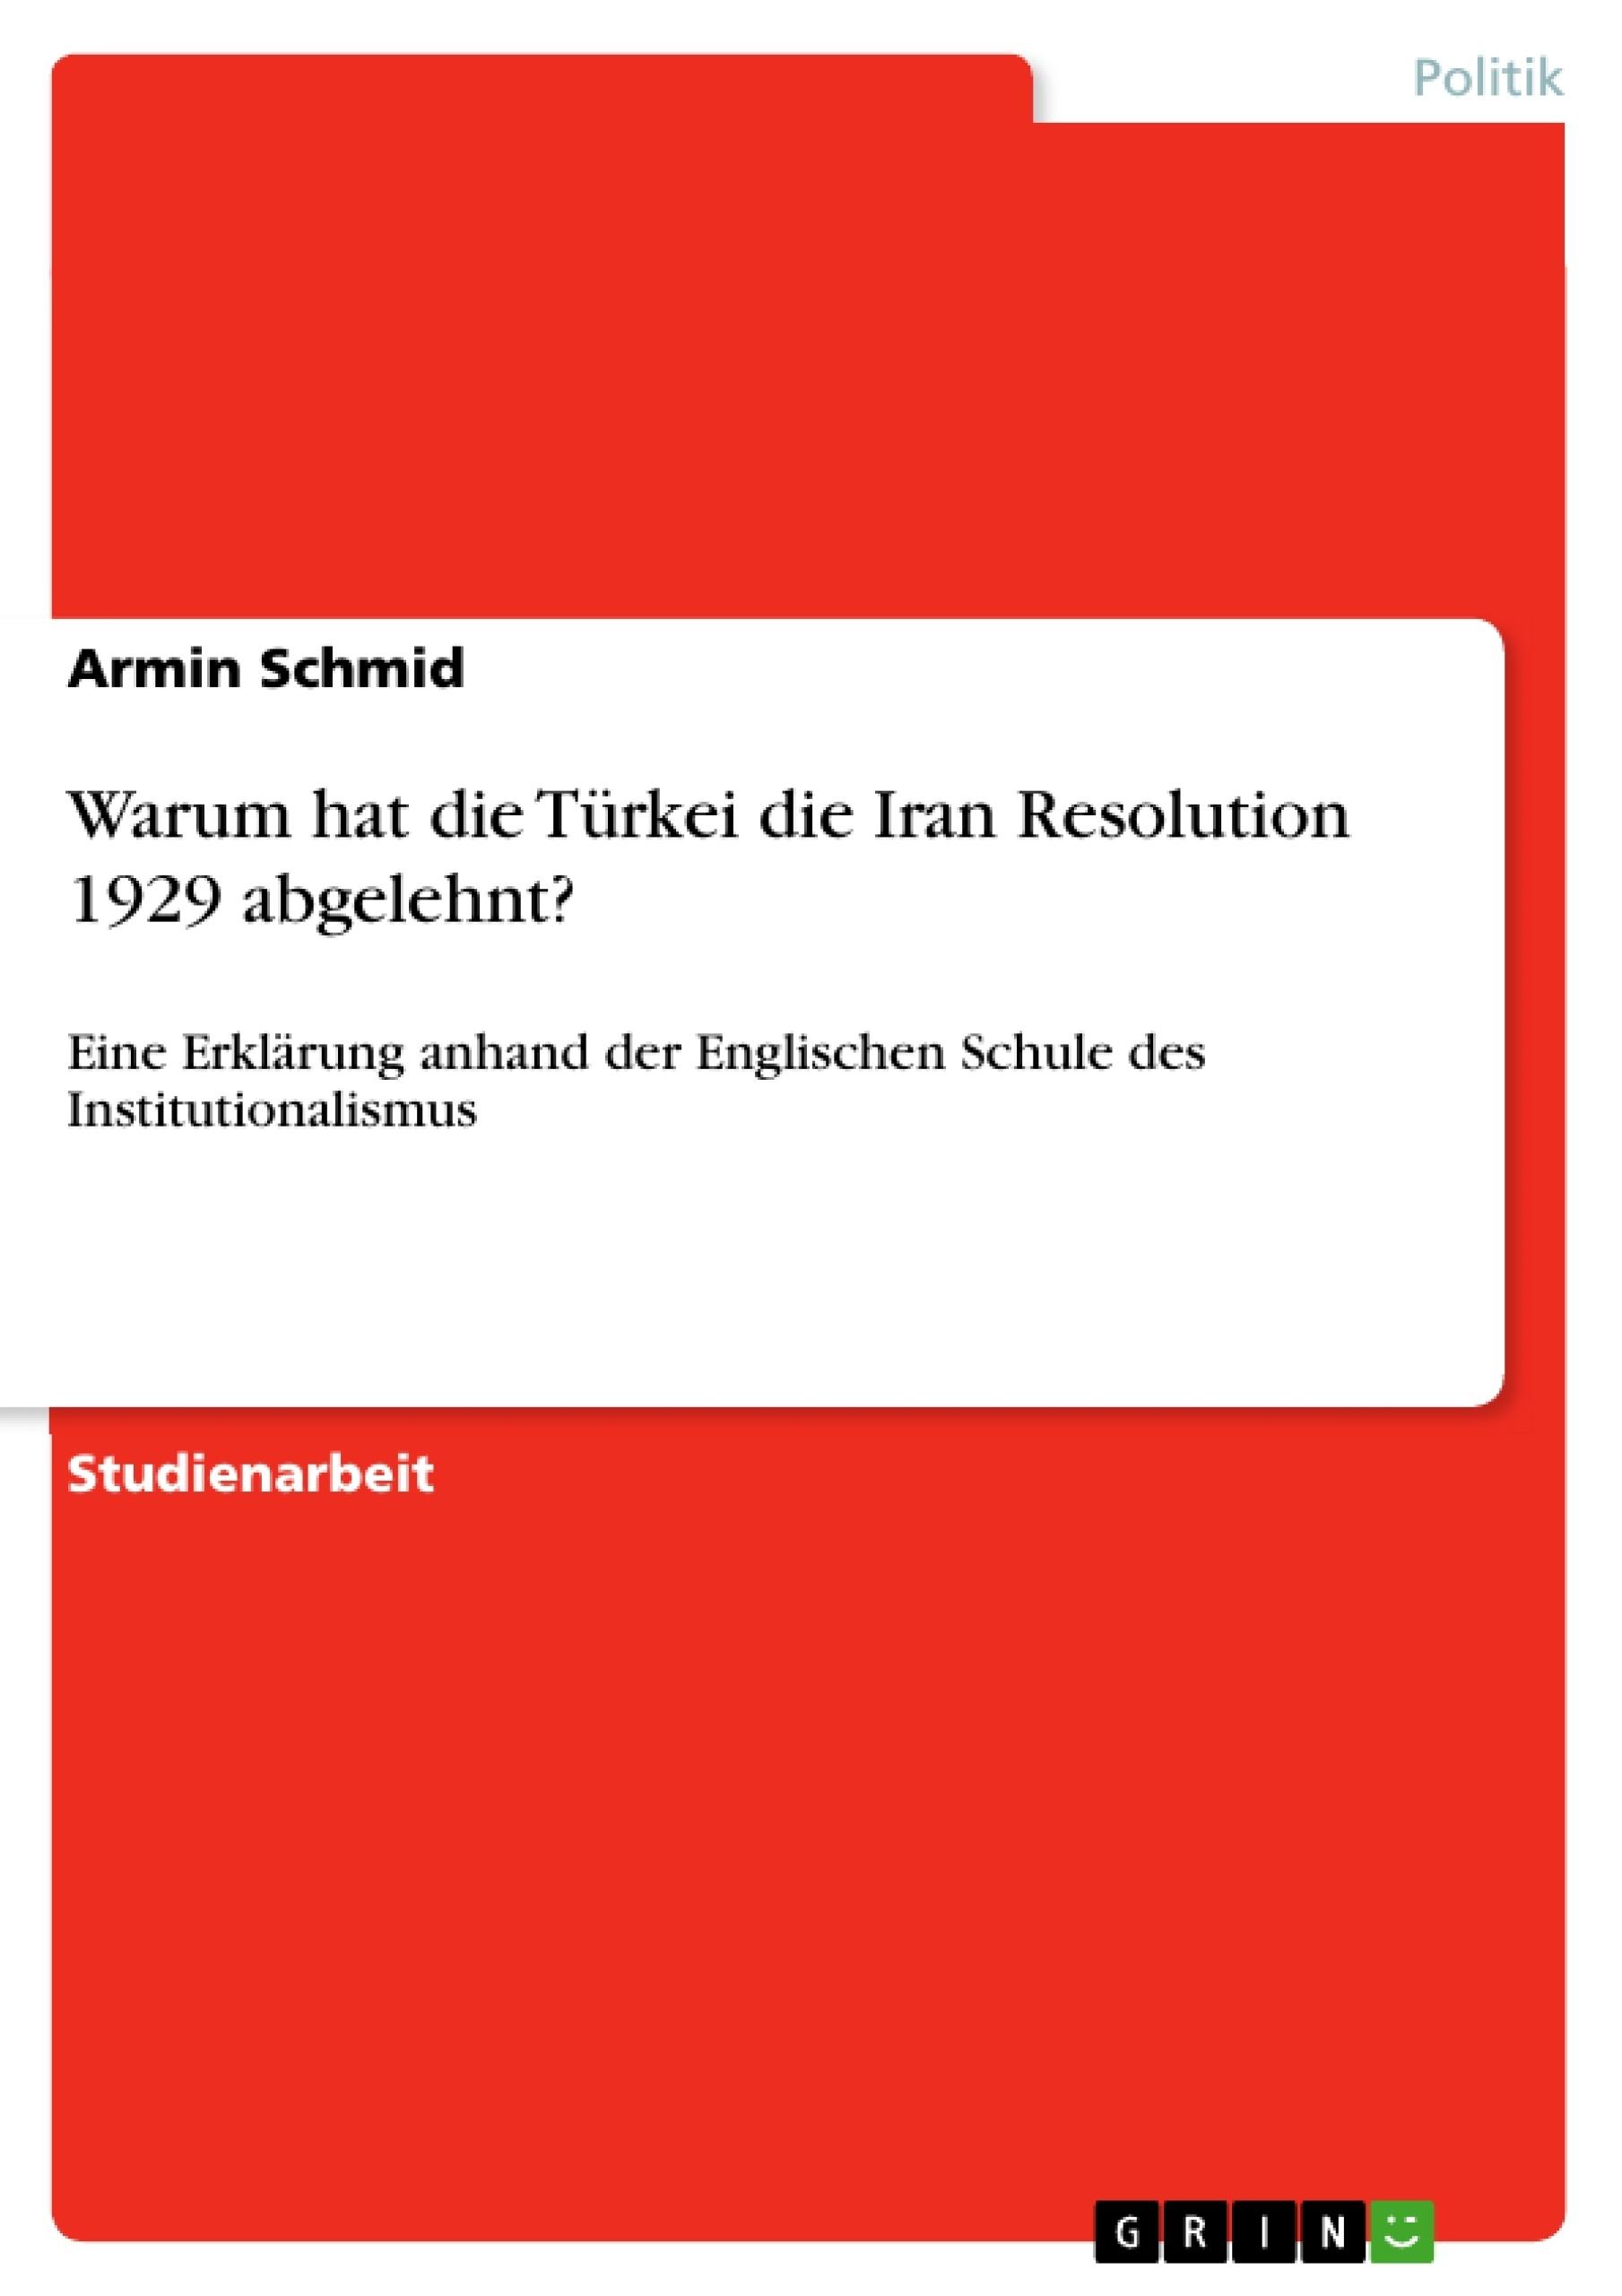 Titel: Warum hat die Türkei die Iran Resolution 1929 abgelehnt?